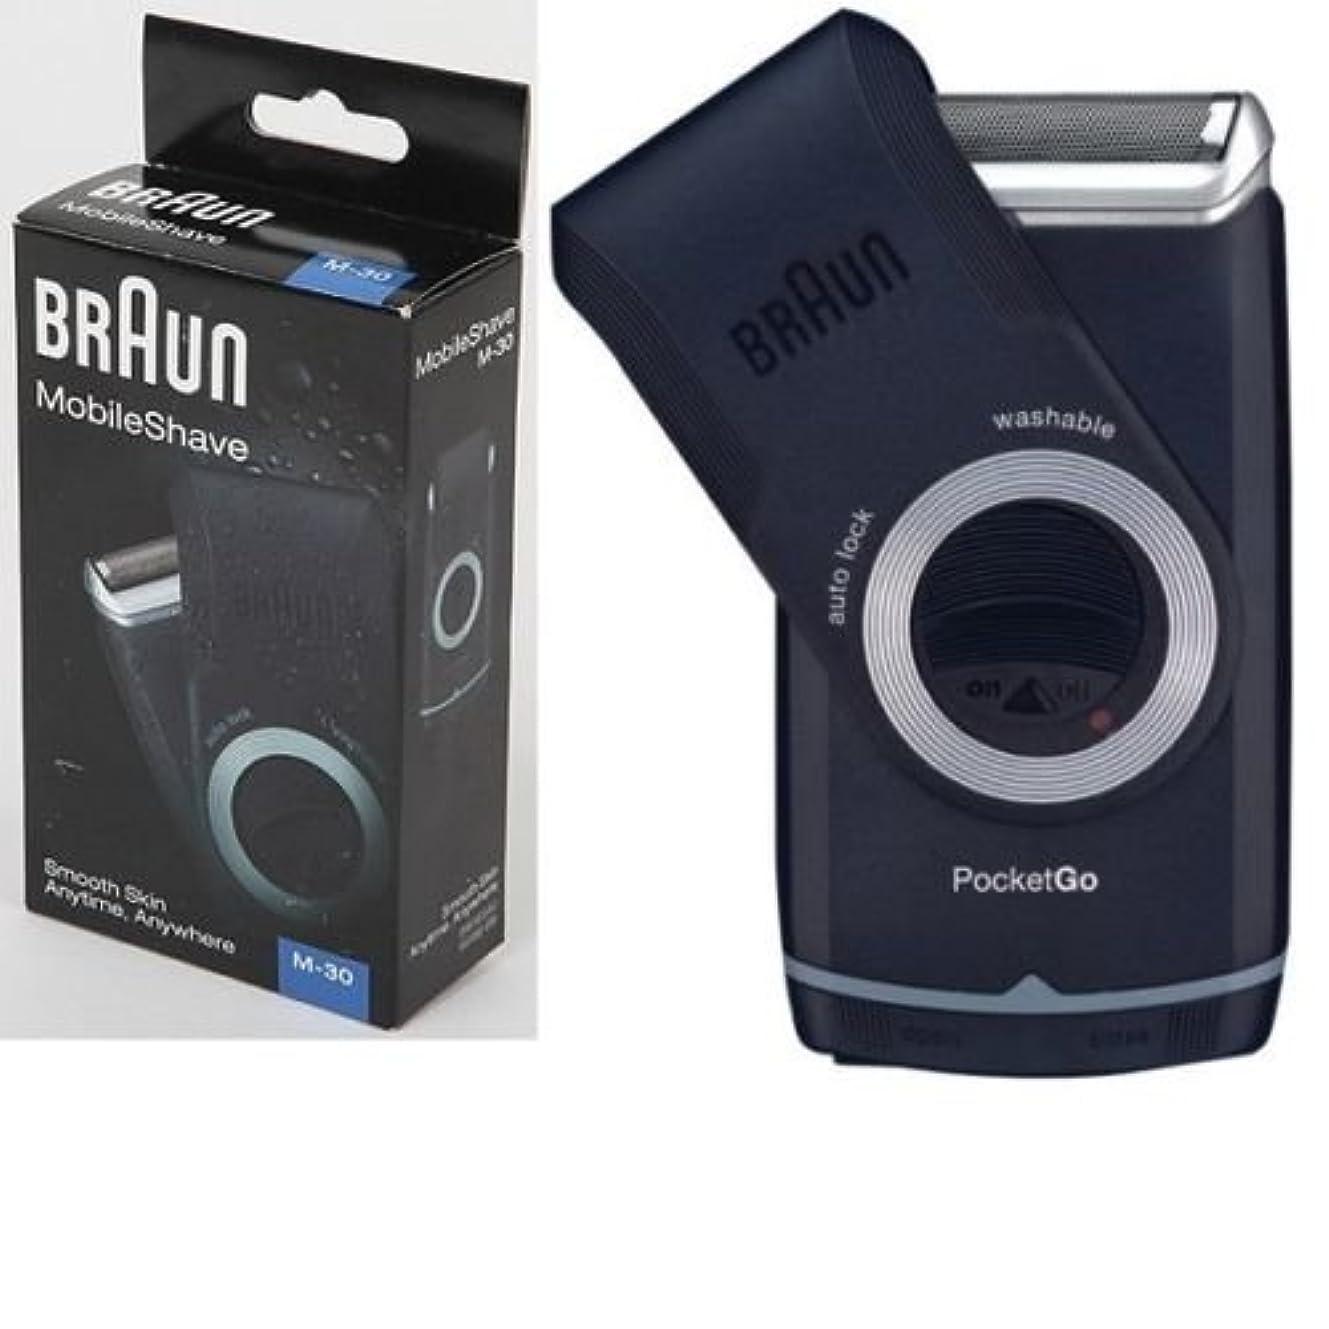 資本主義含める音楽を聴くBRAUN M30 MOBILESHAVE電気かみそりMEN'Sは携帯移動トラベル M30 [並行輸入品]